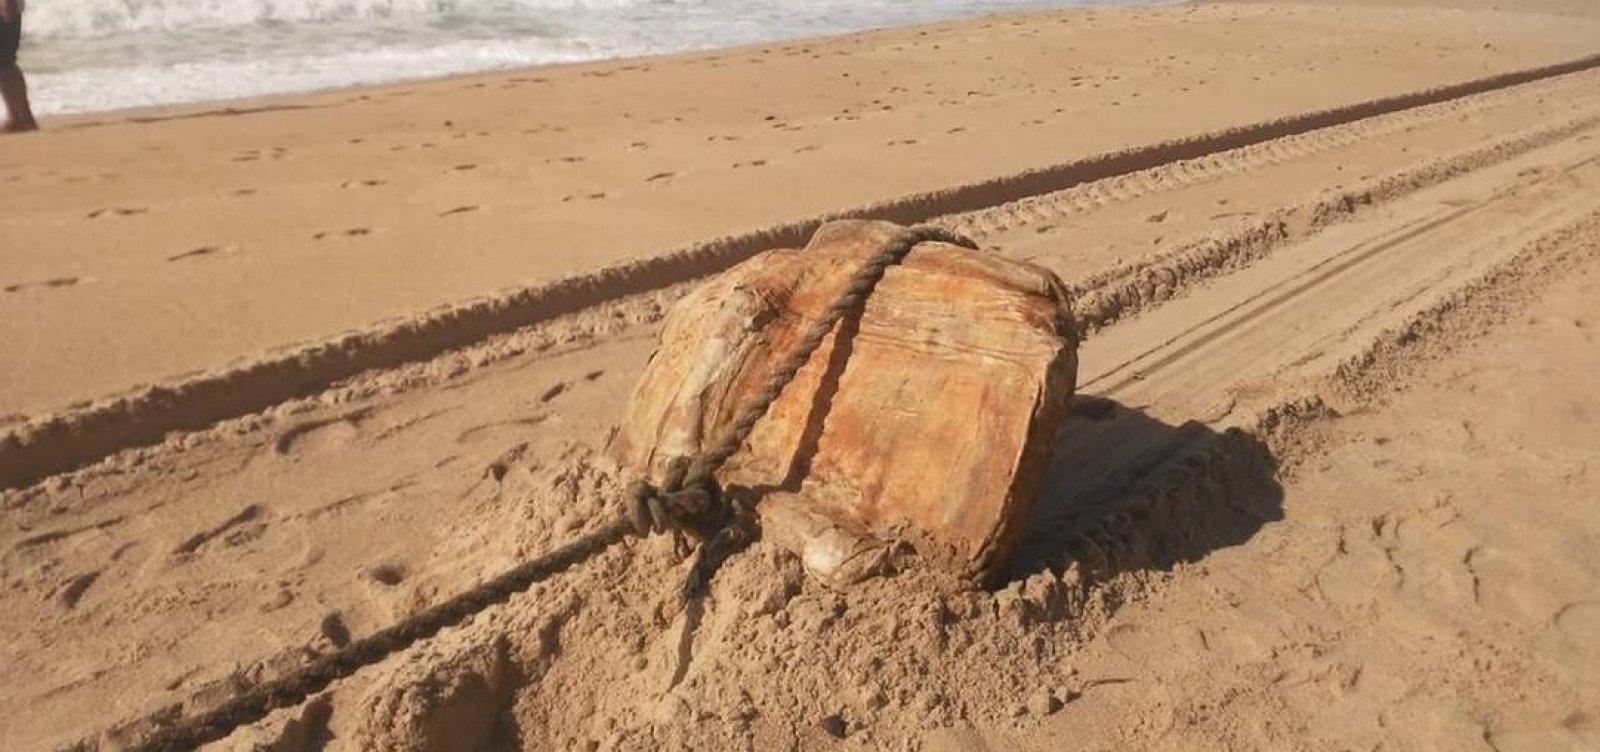 Fardos encontrados em praias da Bahia e Alagoas pertenciam a dois navios nazistas